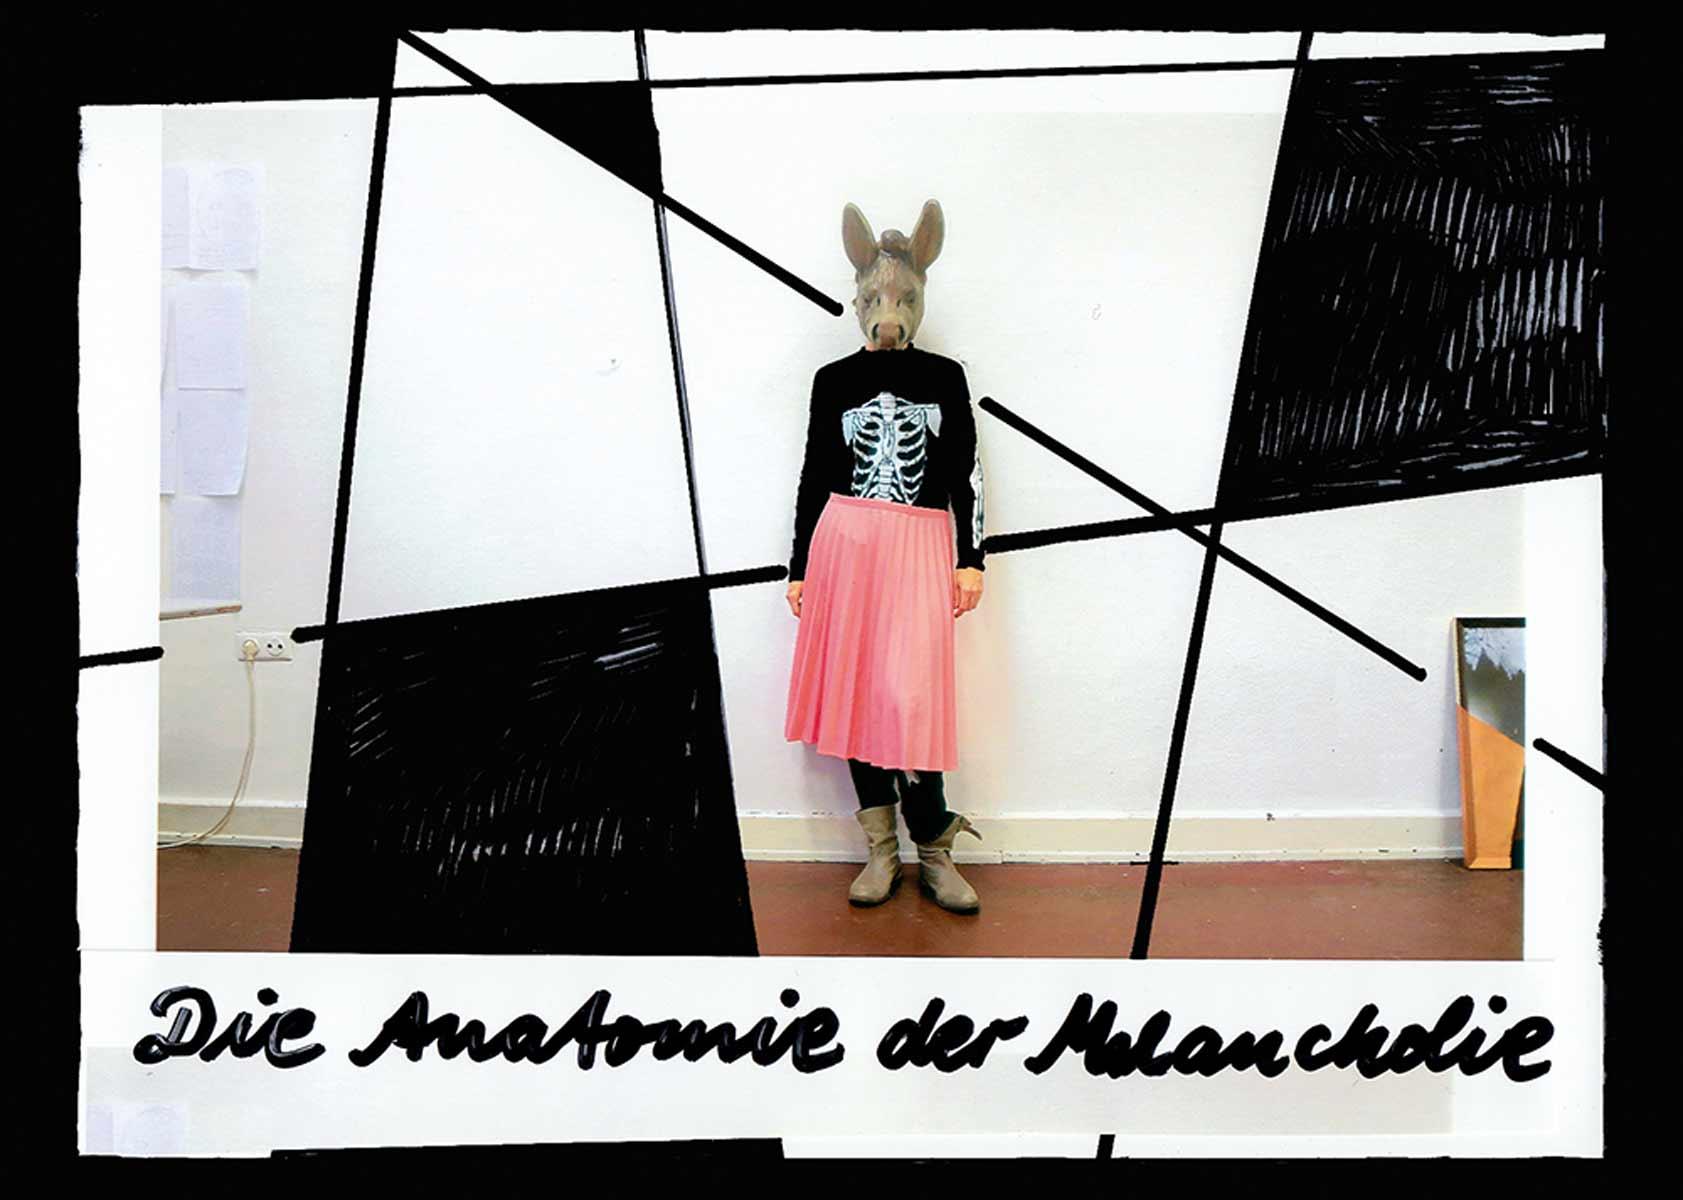 Gemütlich Melancholie Der Anatomie Fotos - Menschliche Anatomie ...